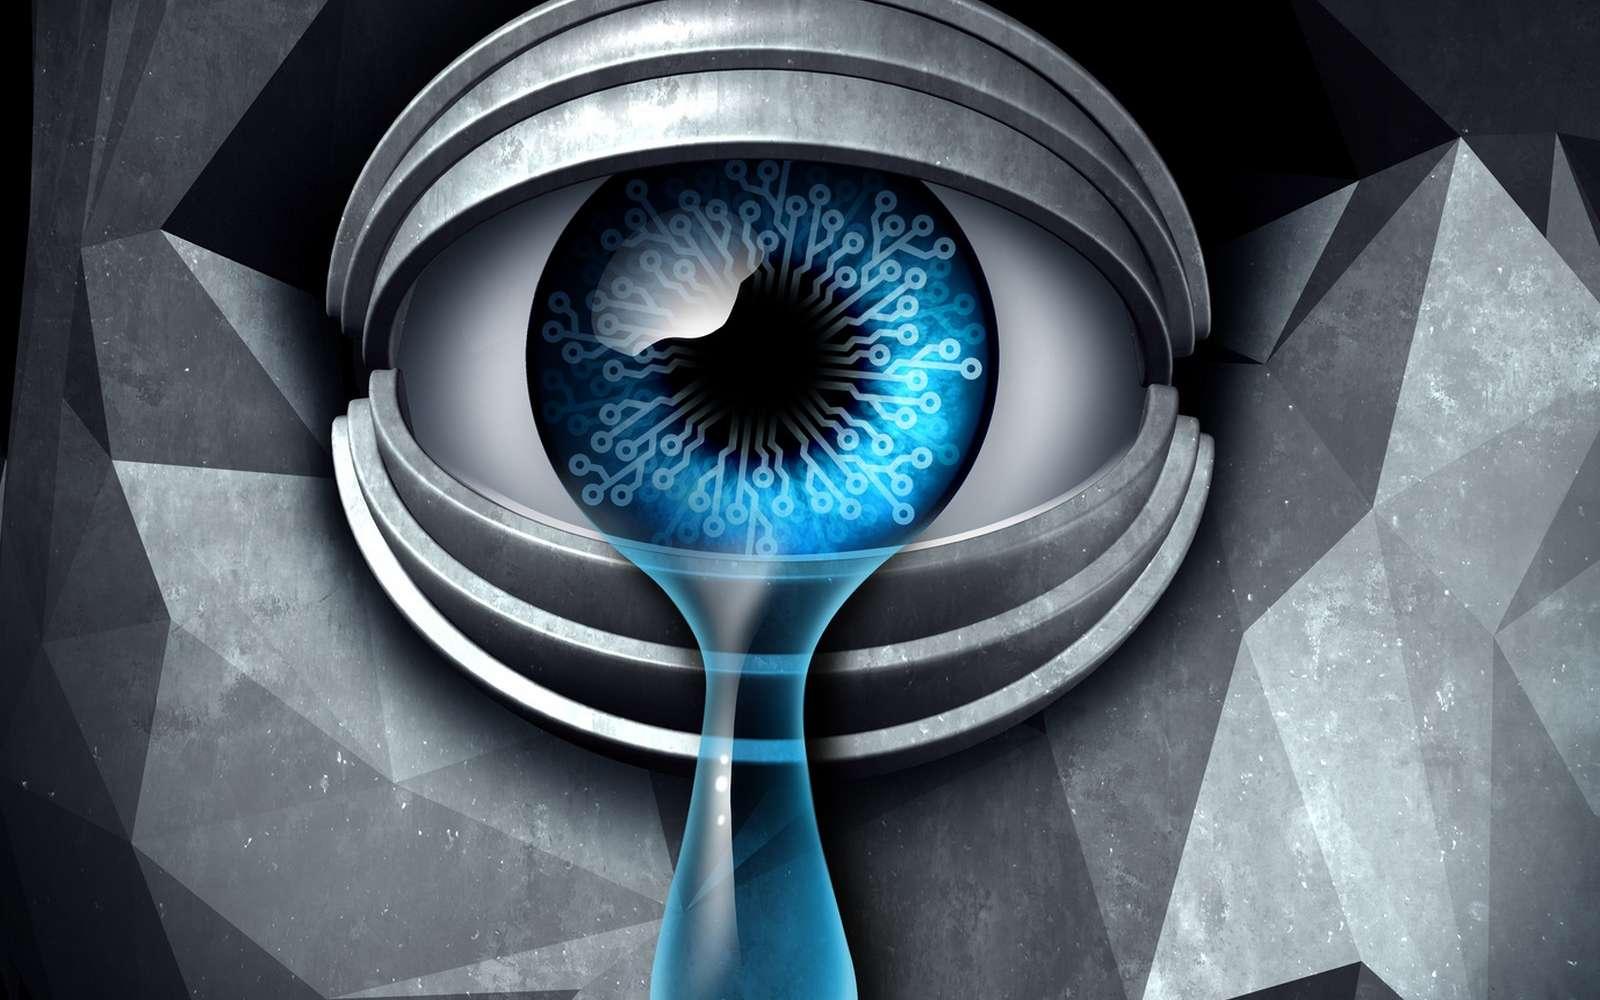 Le développement d'une forme d'empathie envers les machines est-il une faiblesse ? © Freshidea, Fotolia